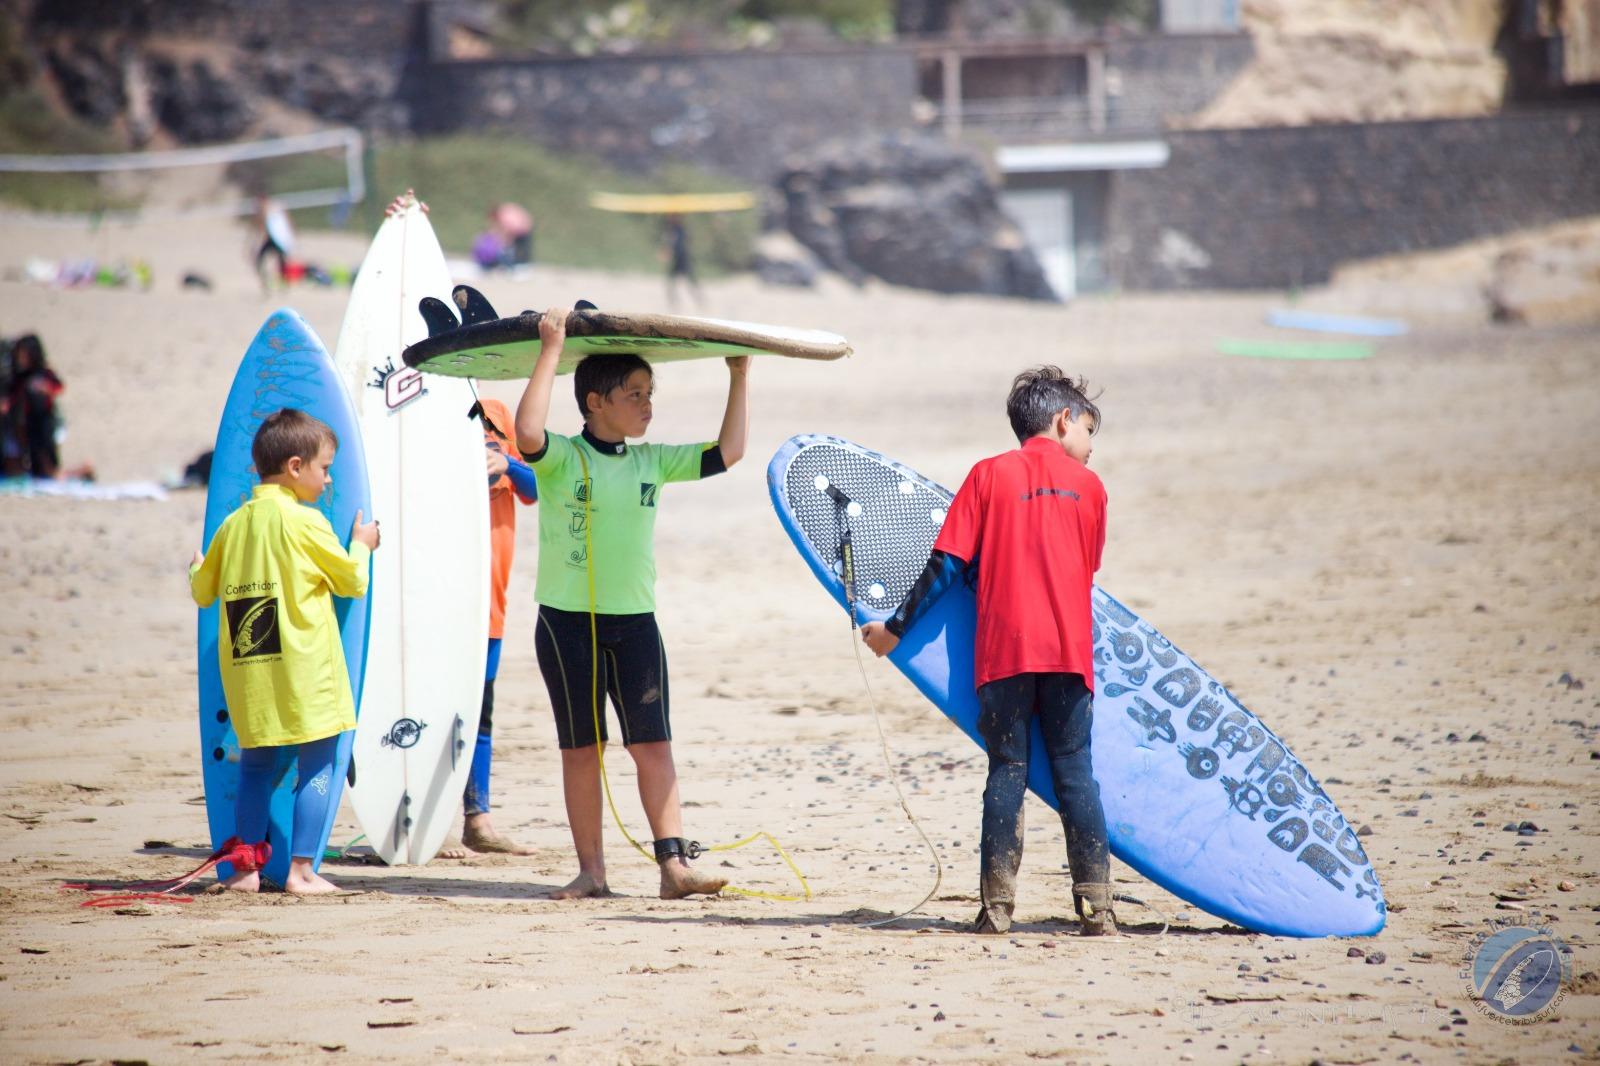 FUERTE TRIBU FUERTEVENTURA SURFWhatsApp Image 2019-08-25 at 17.06.55(8).jpeg